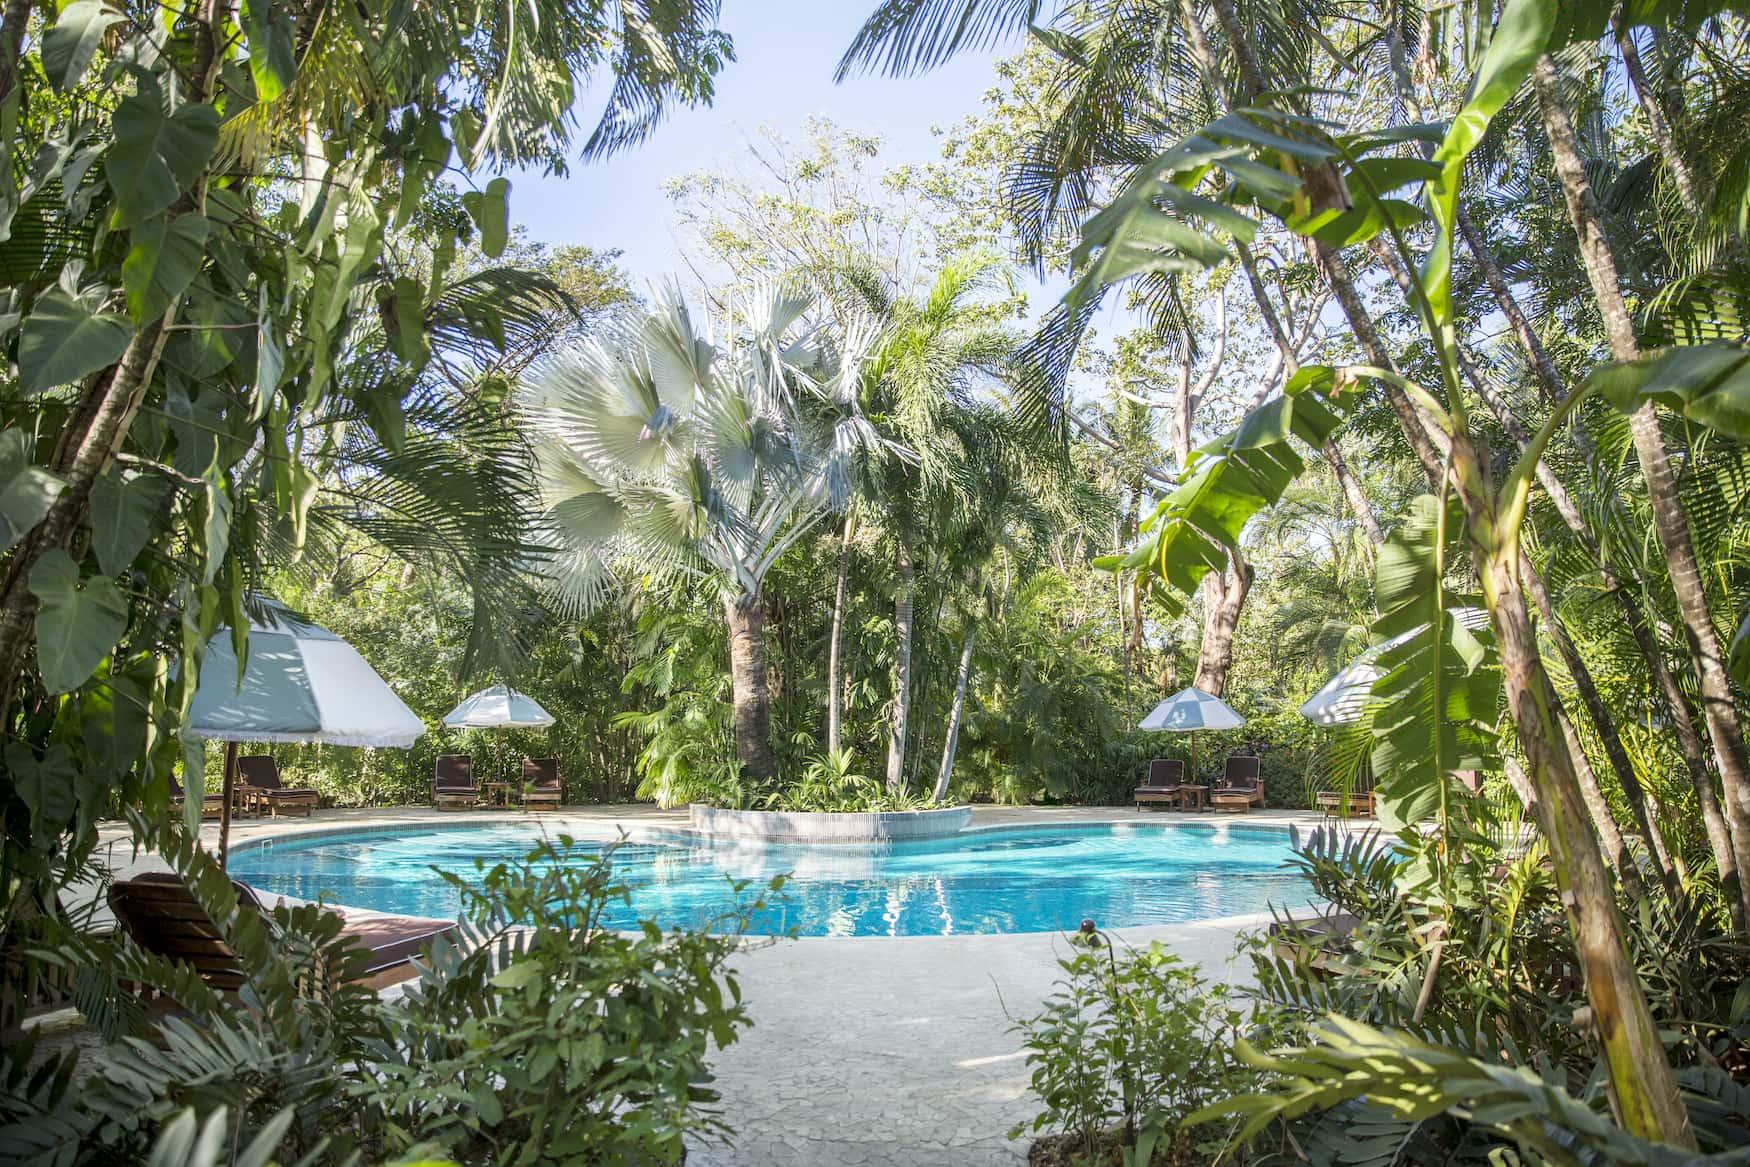 Hotelpool im Dschungel bei Nosara